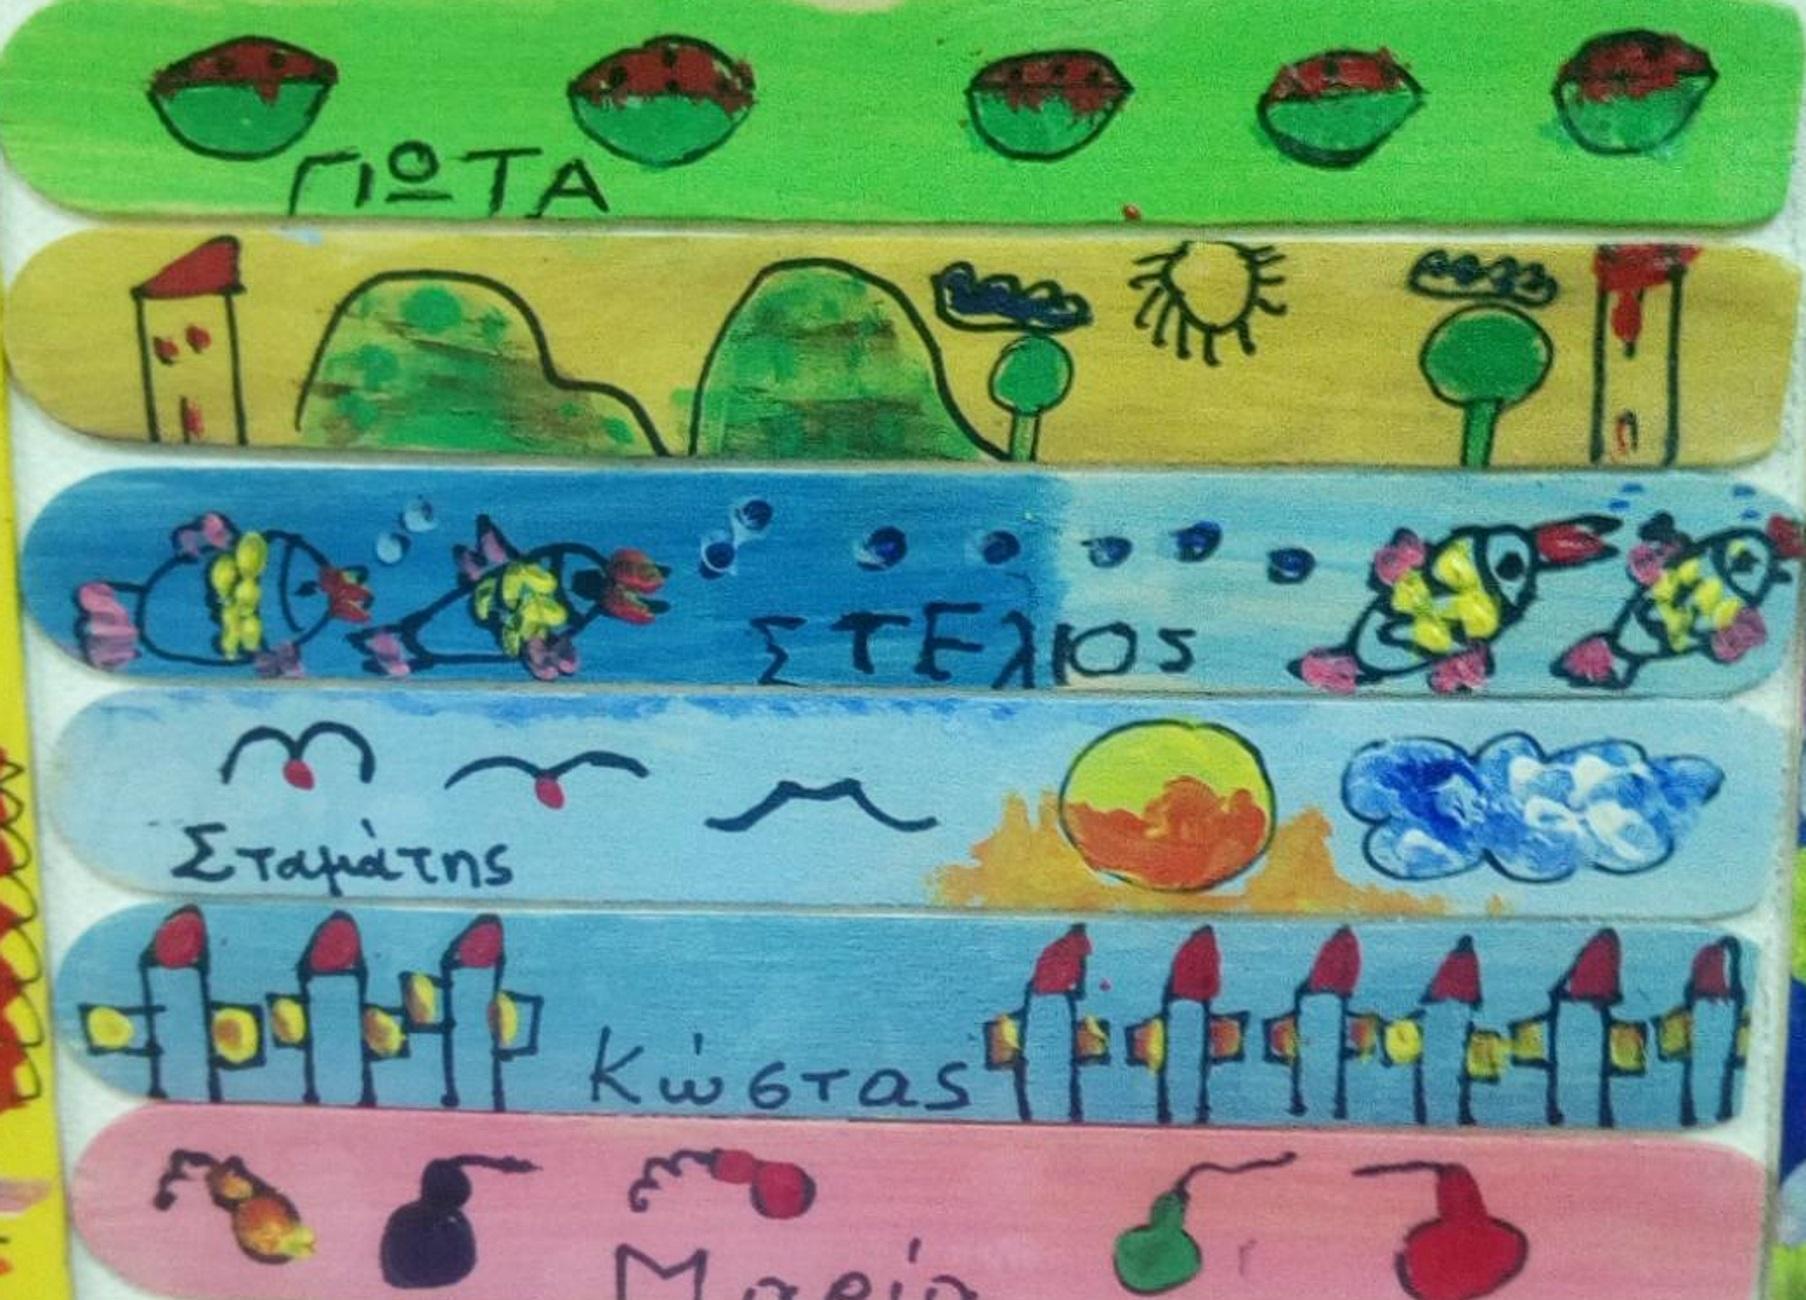 Γιαννιτσά: Πολύχρωμα και έντονα – Το ευχαριστώ μικρών μαθητών για τον εμβολιασμό τους